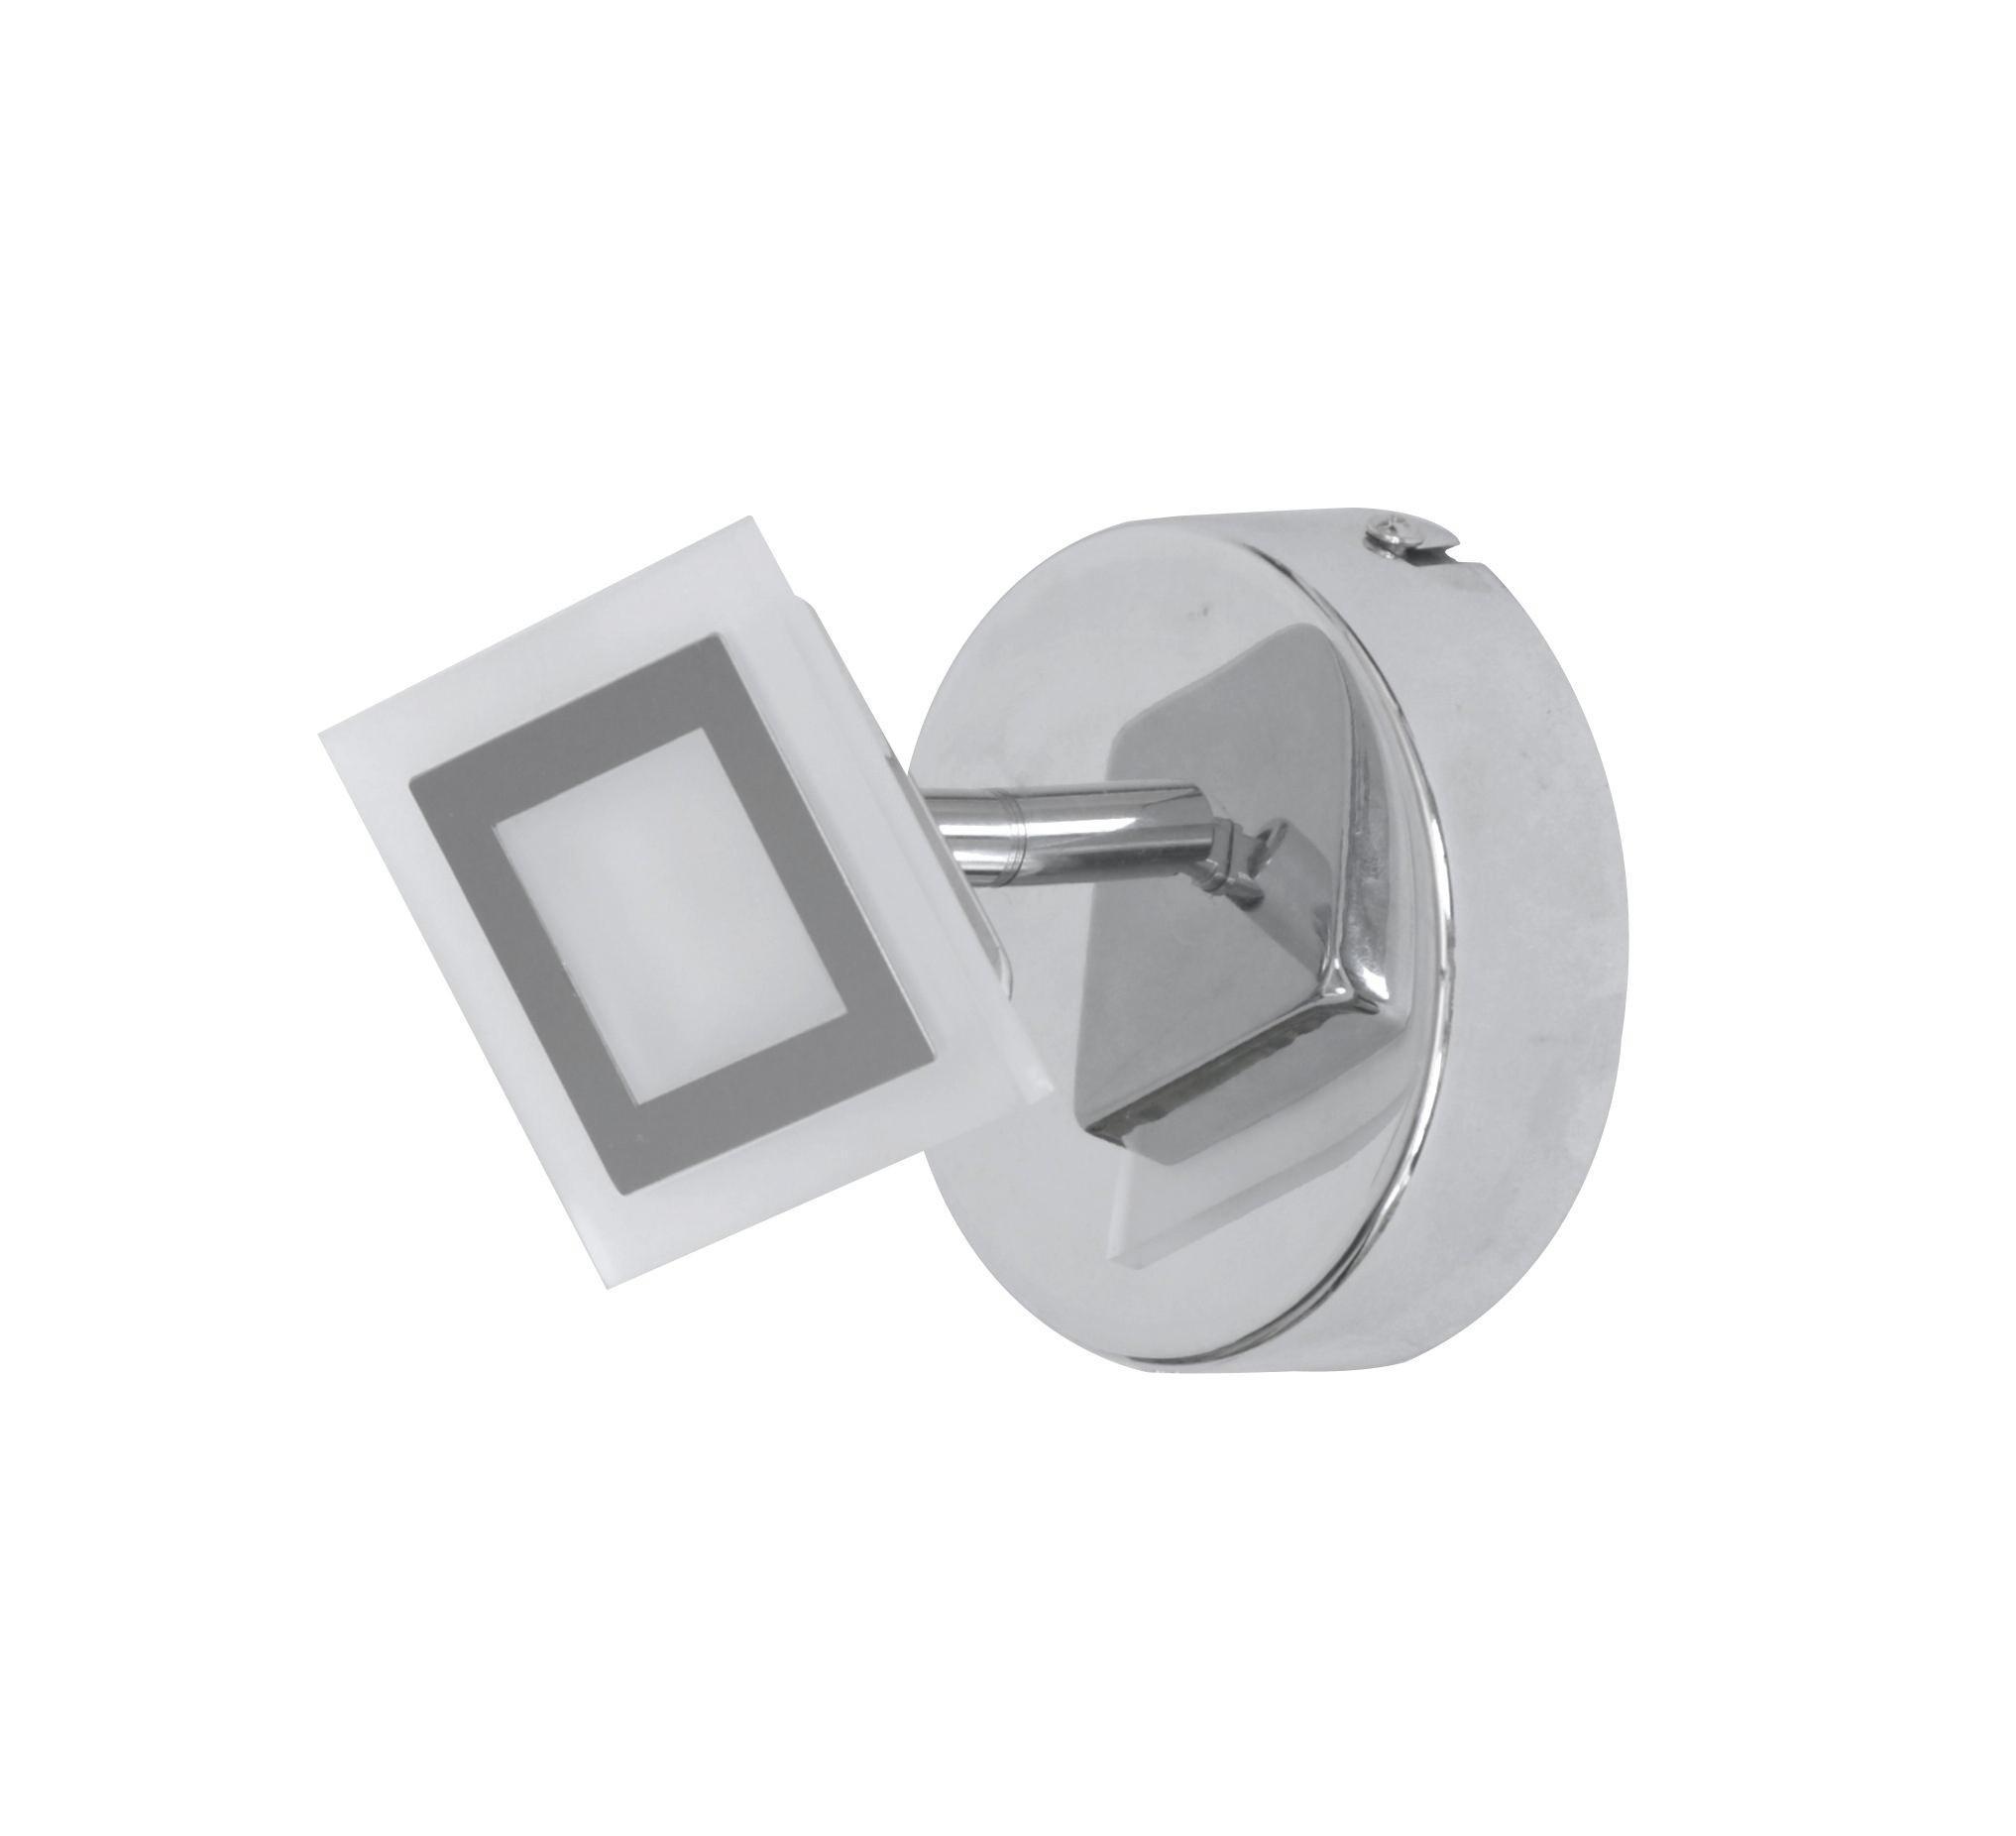 LED-STRAHLER - Design, Kunststoff/Metall (11/9,5/11cm)